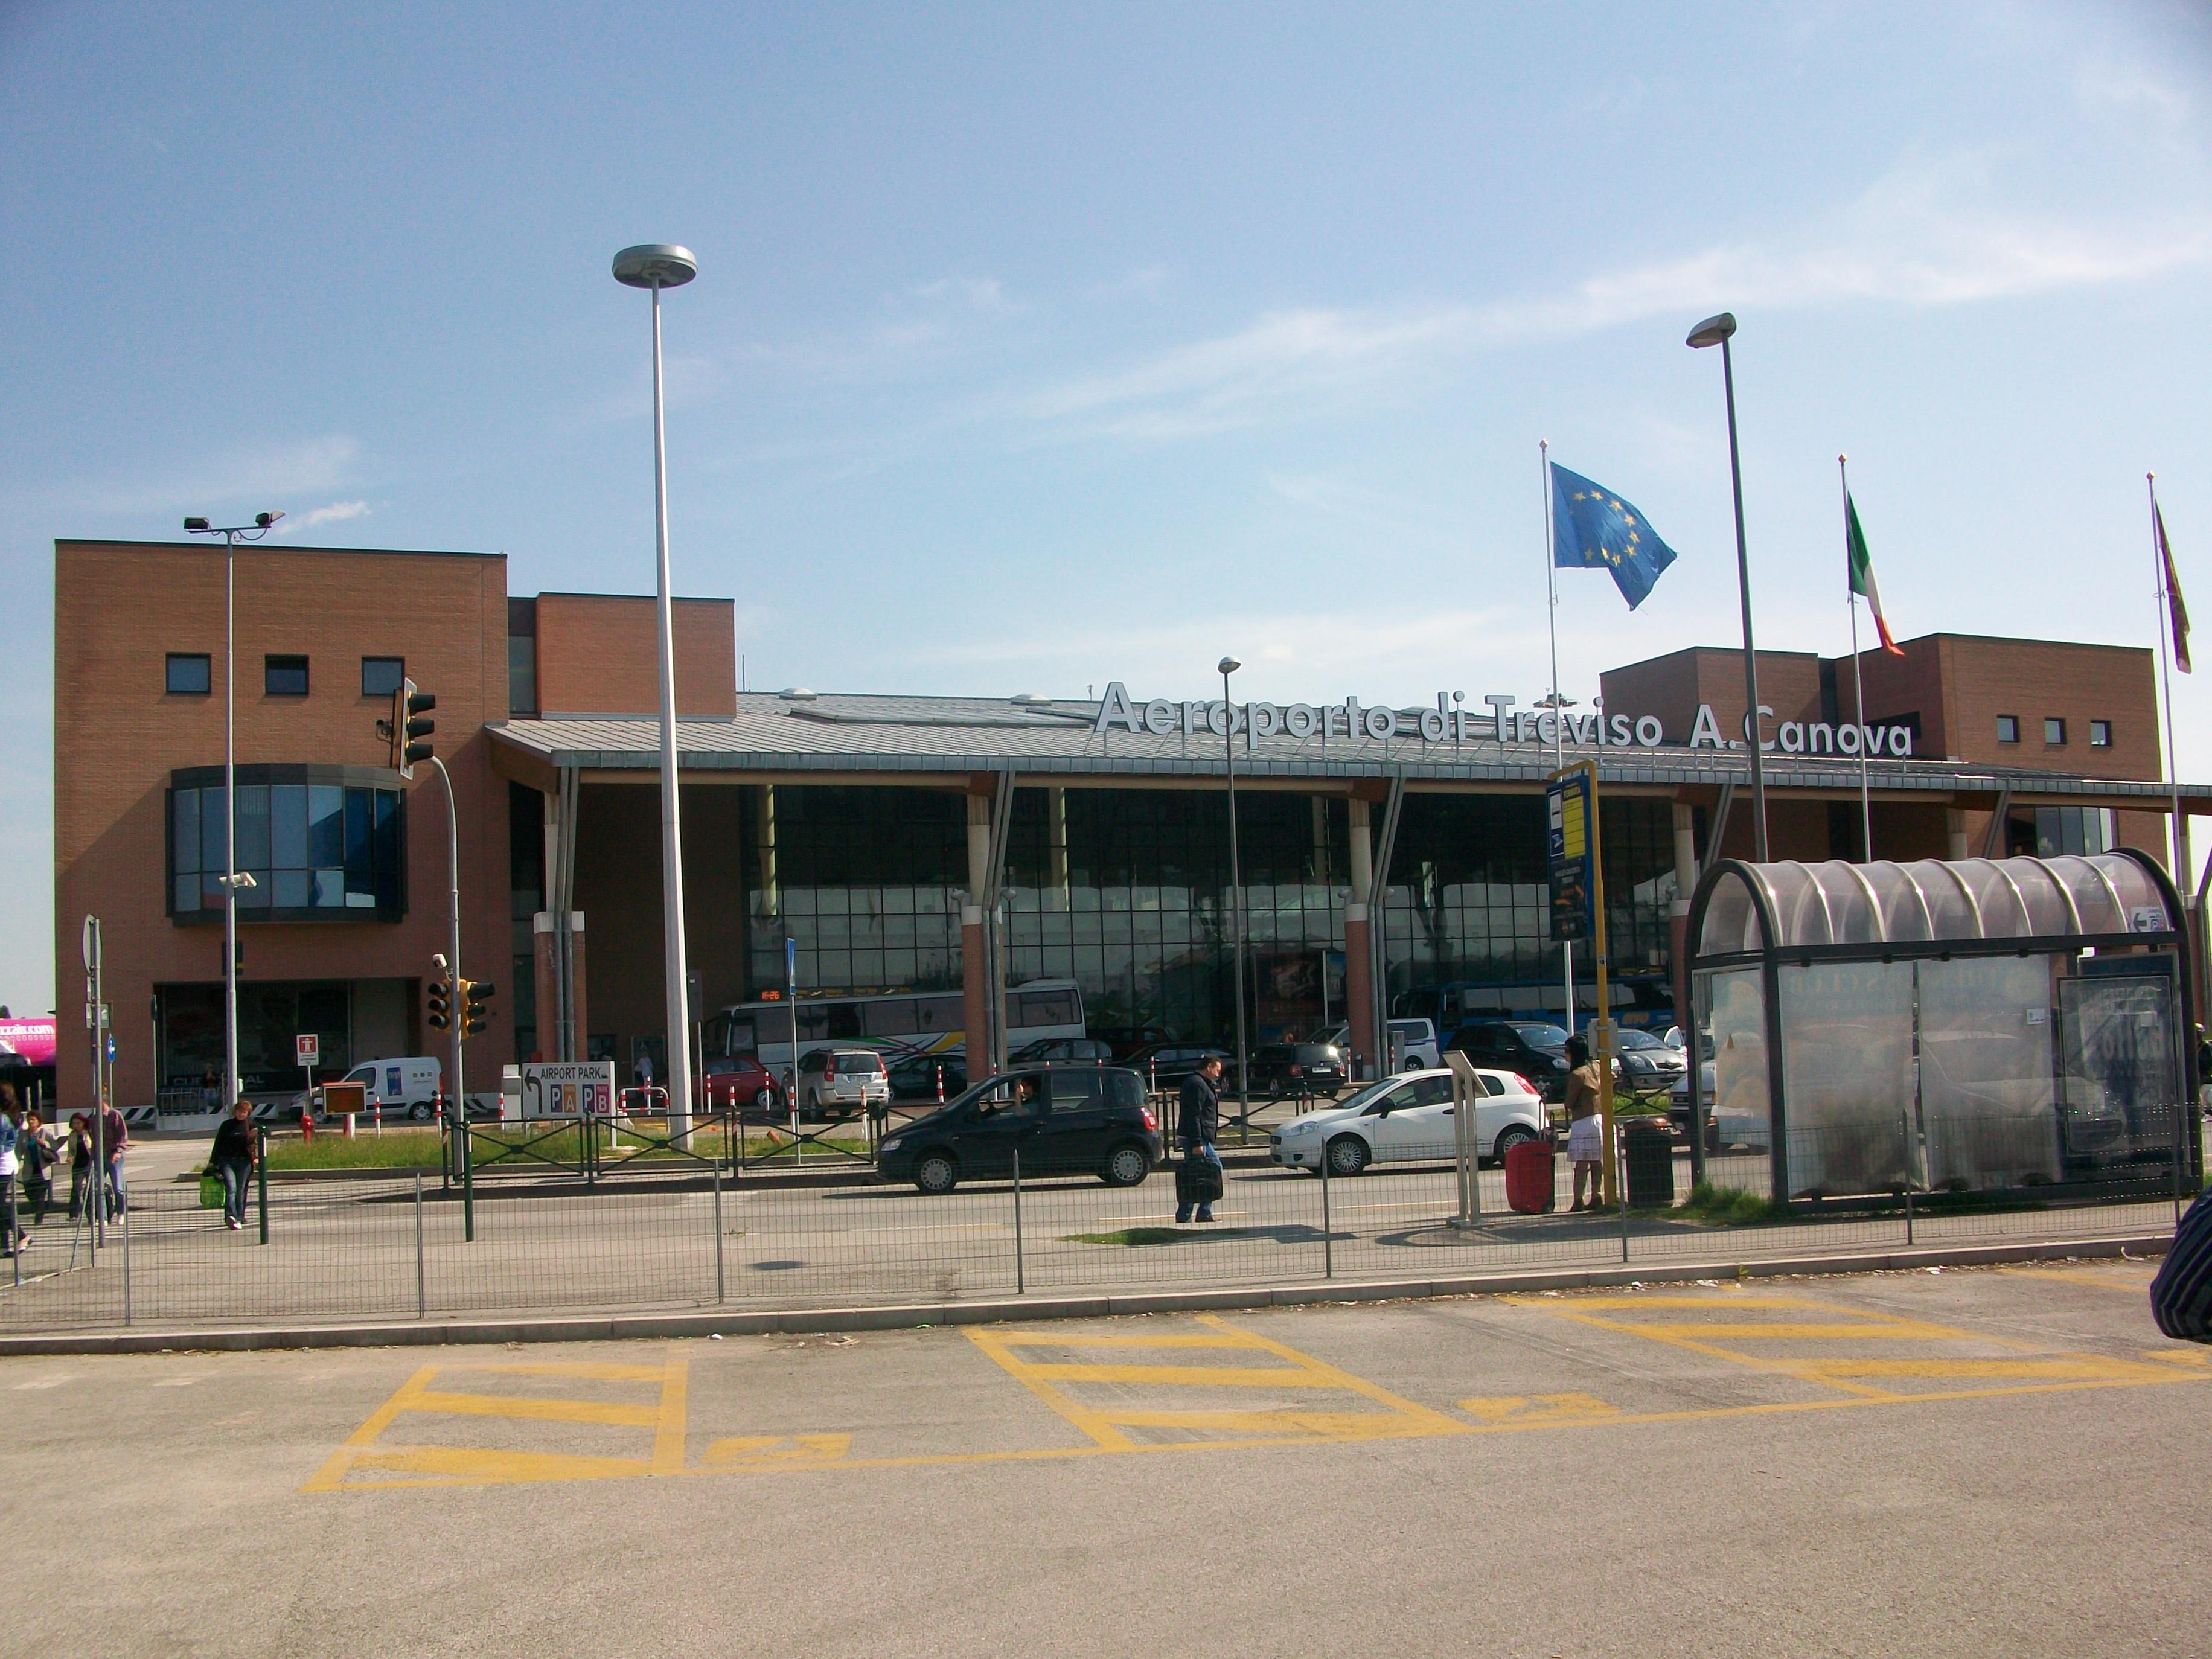 Aeroporto_di_Treviso_A_Canova